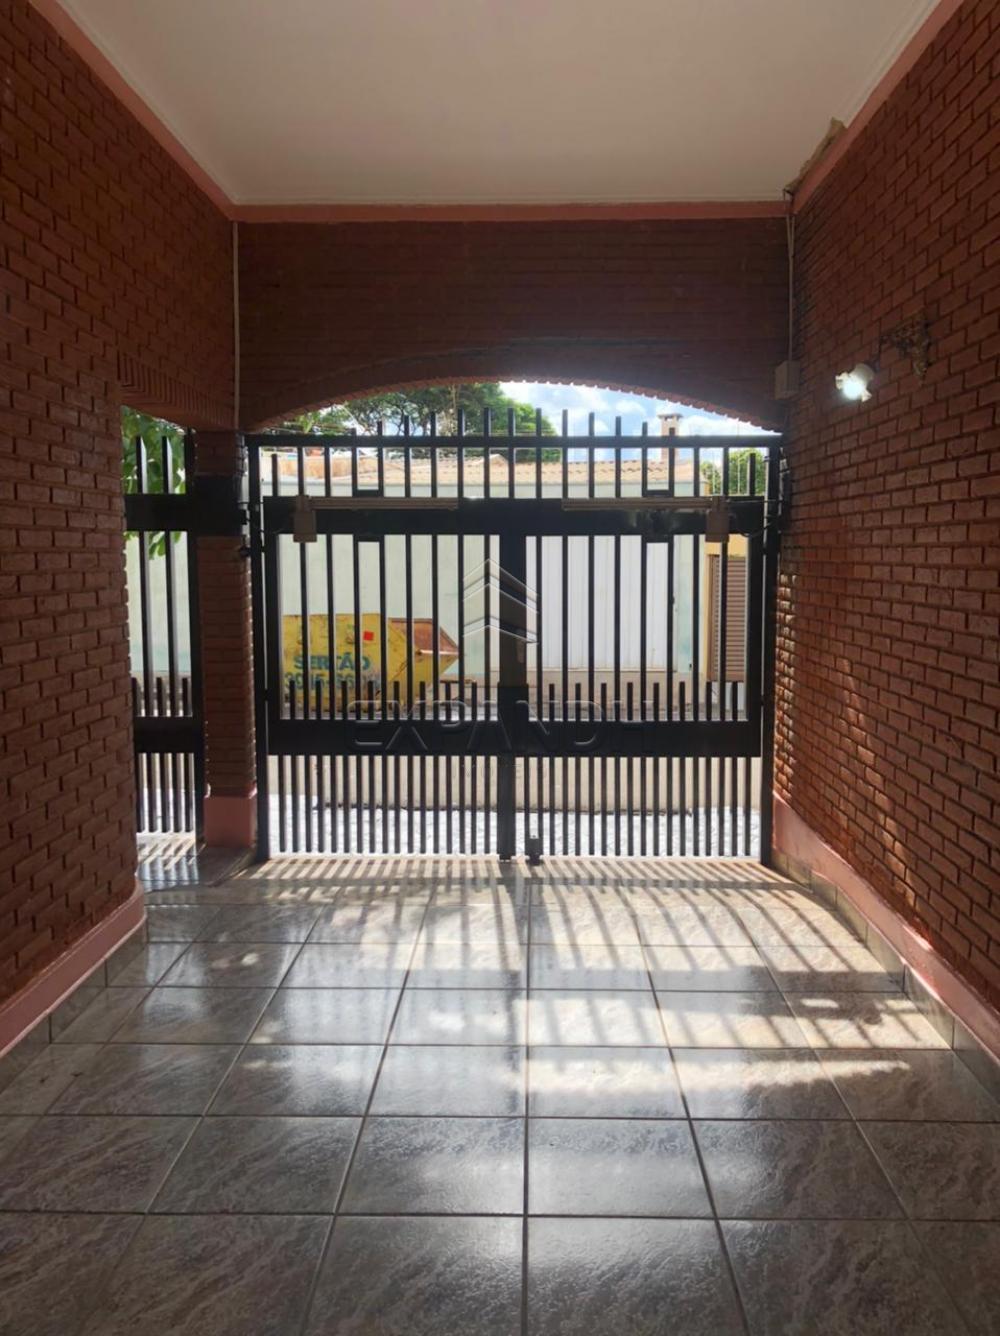 Alugar Casas / Padrão em Sertãozinho R$ 1.600,00 - Foto 5